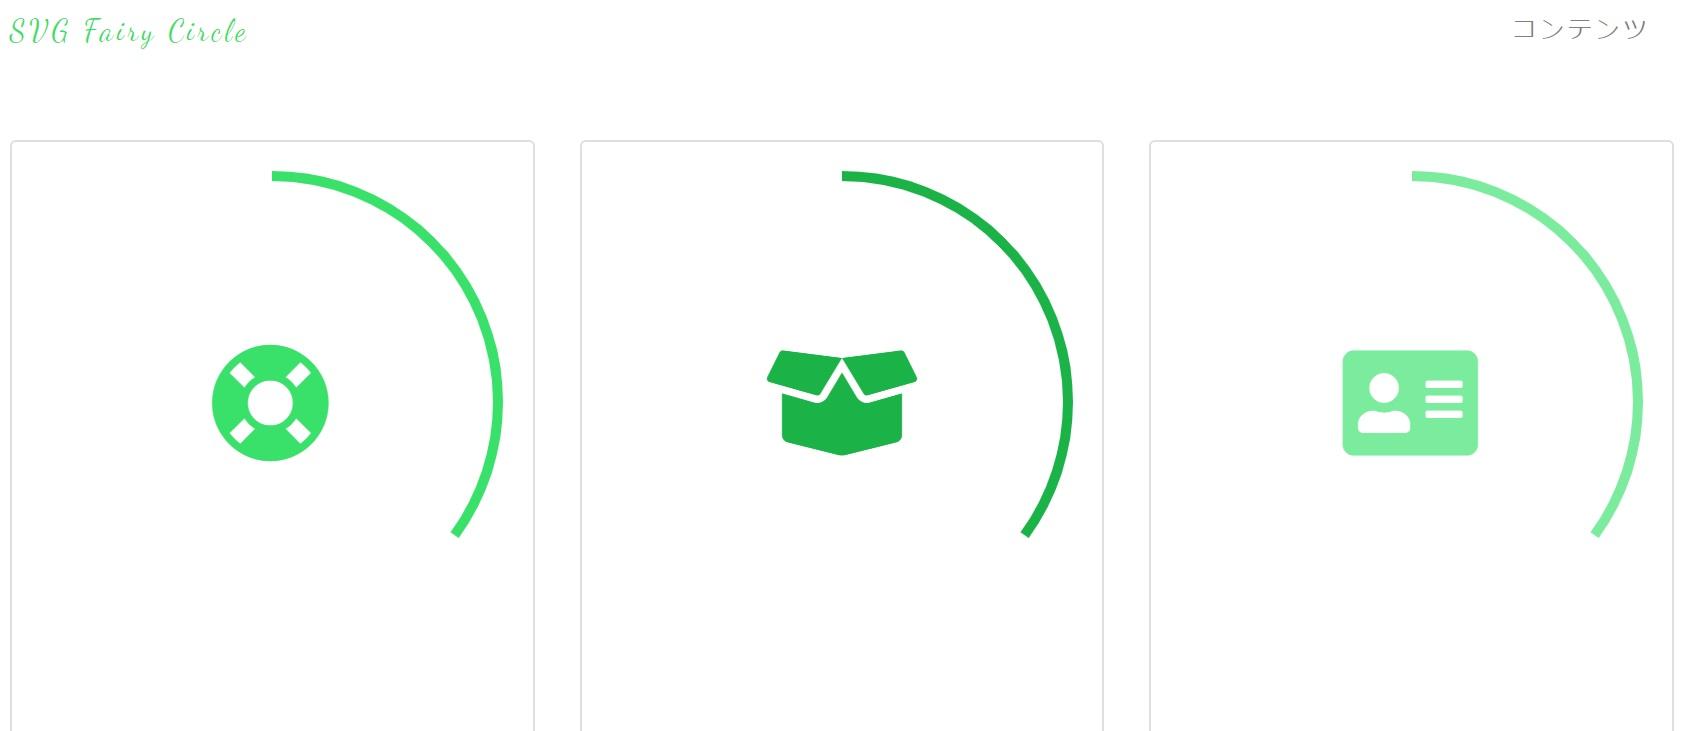 SVGが円弧を描くアニメーションを実施している様子